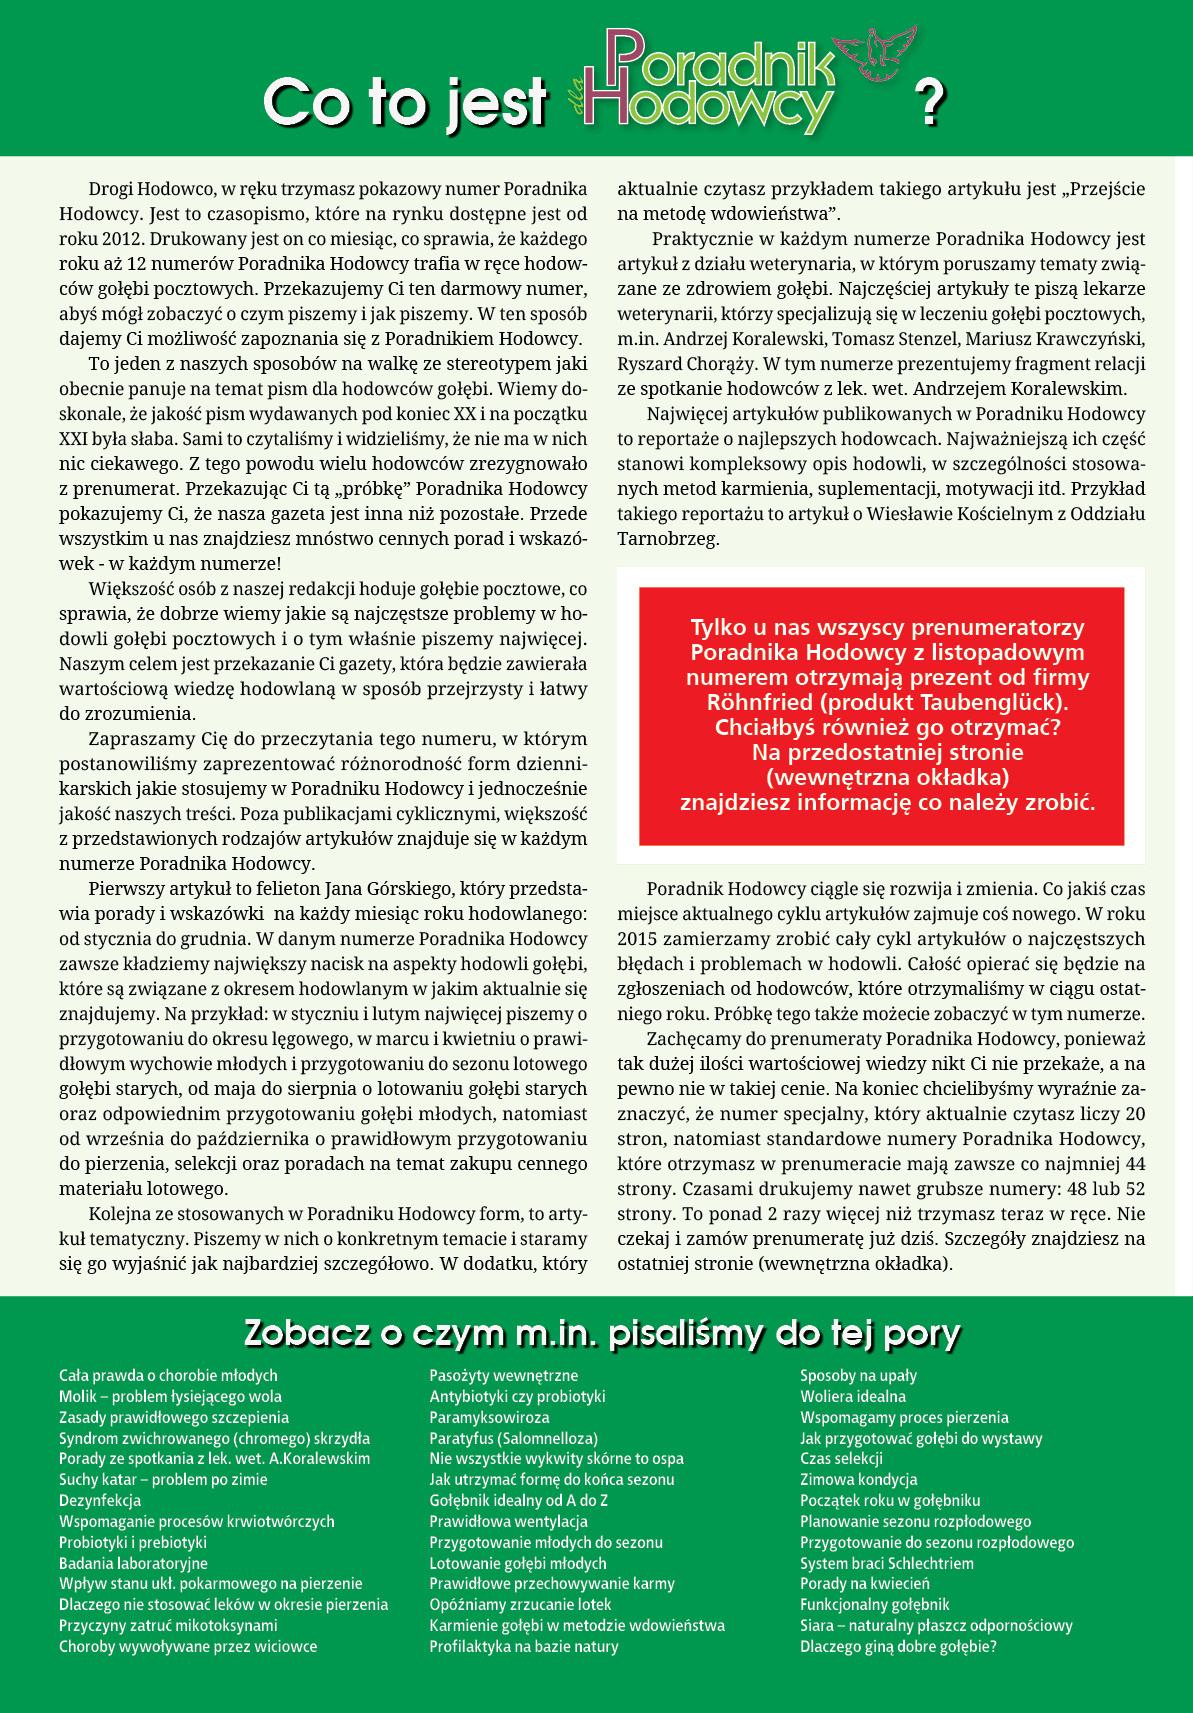 Darmowy numer specjalny Poradnika Hodowcy 2014 - strona 2